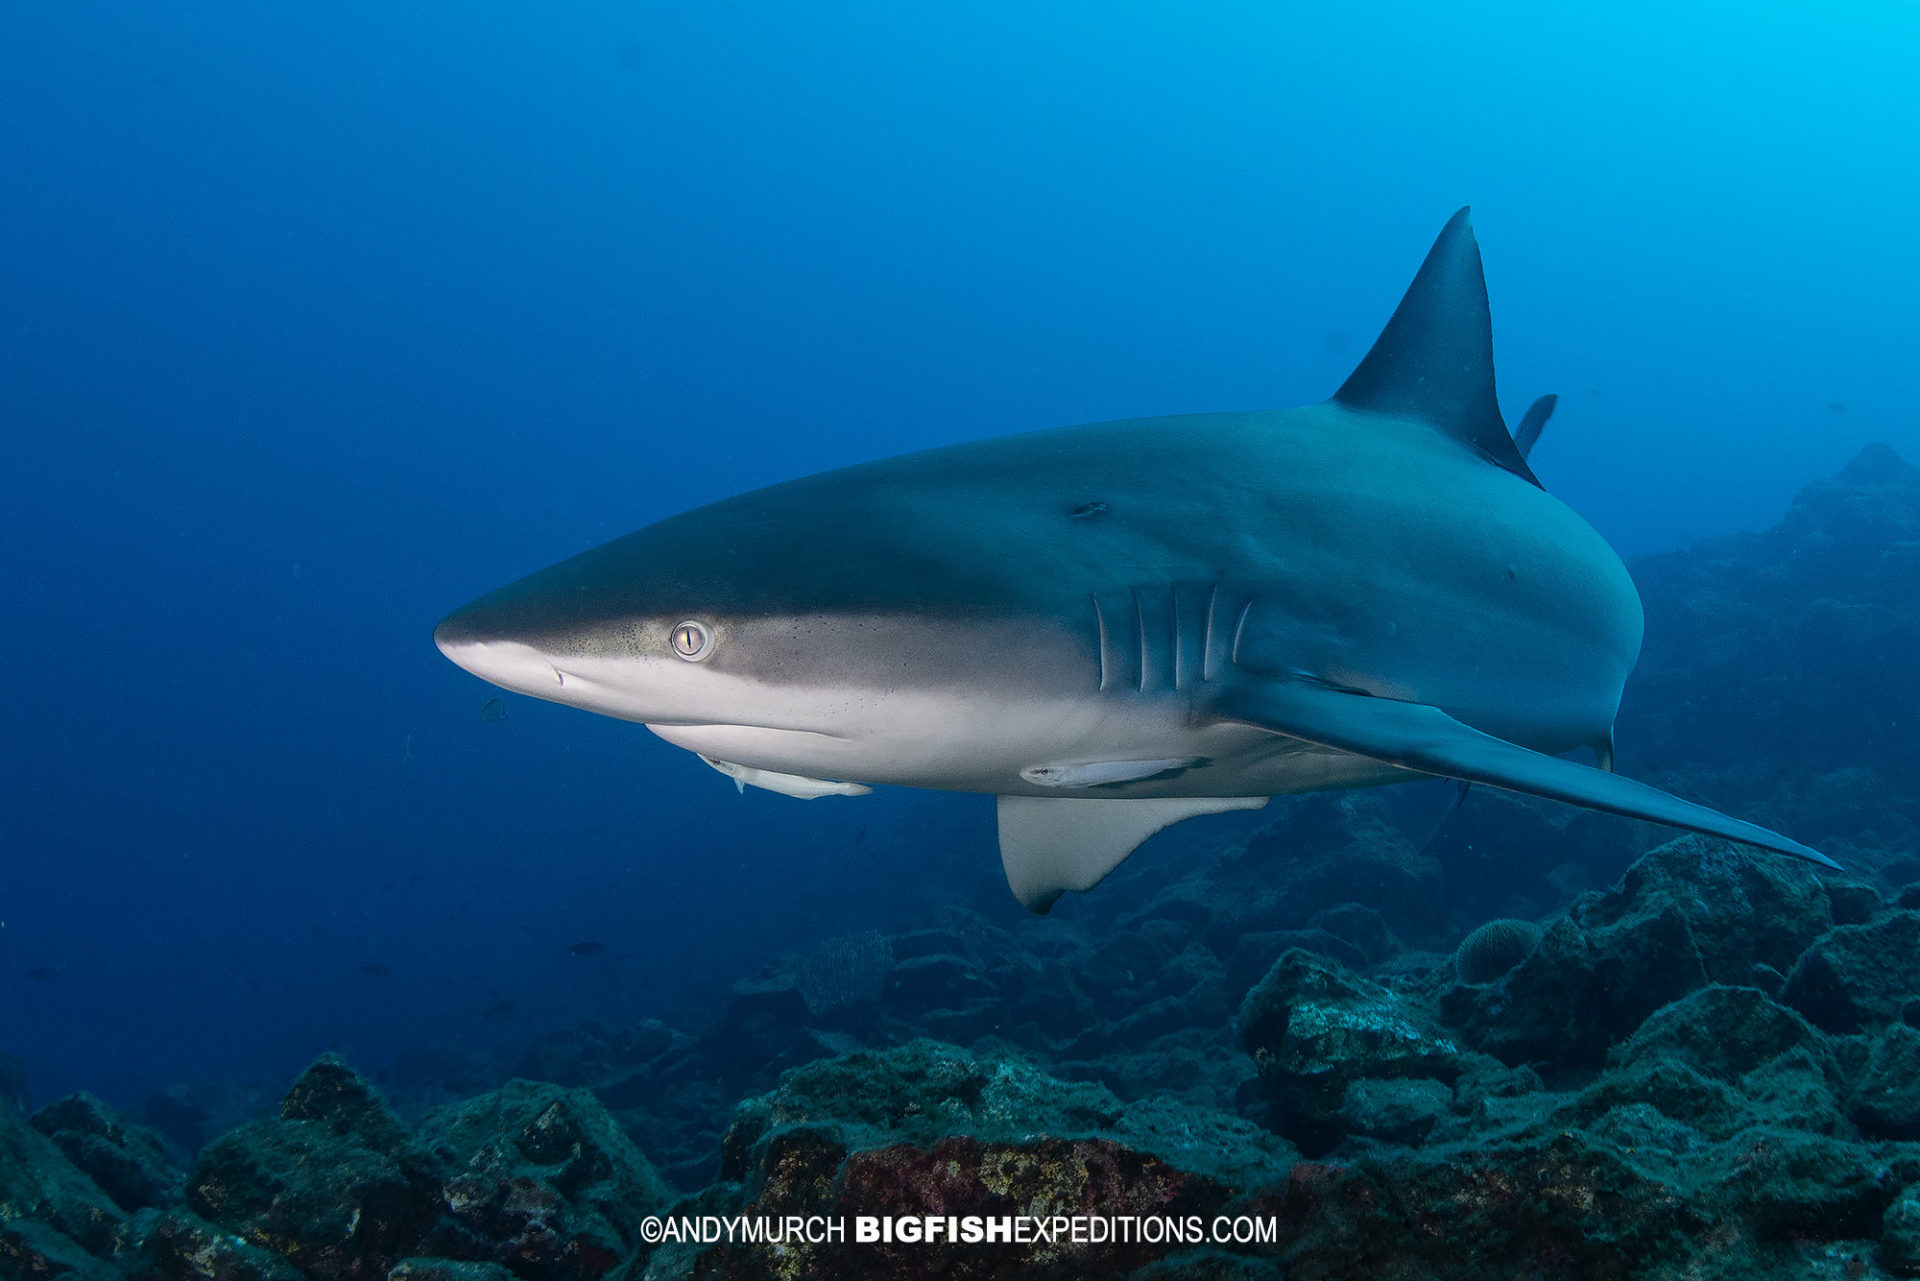 Galapagos Shark diving at Roca Partida in Socorro.